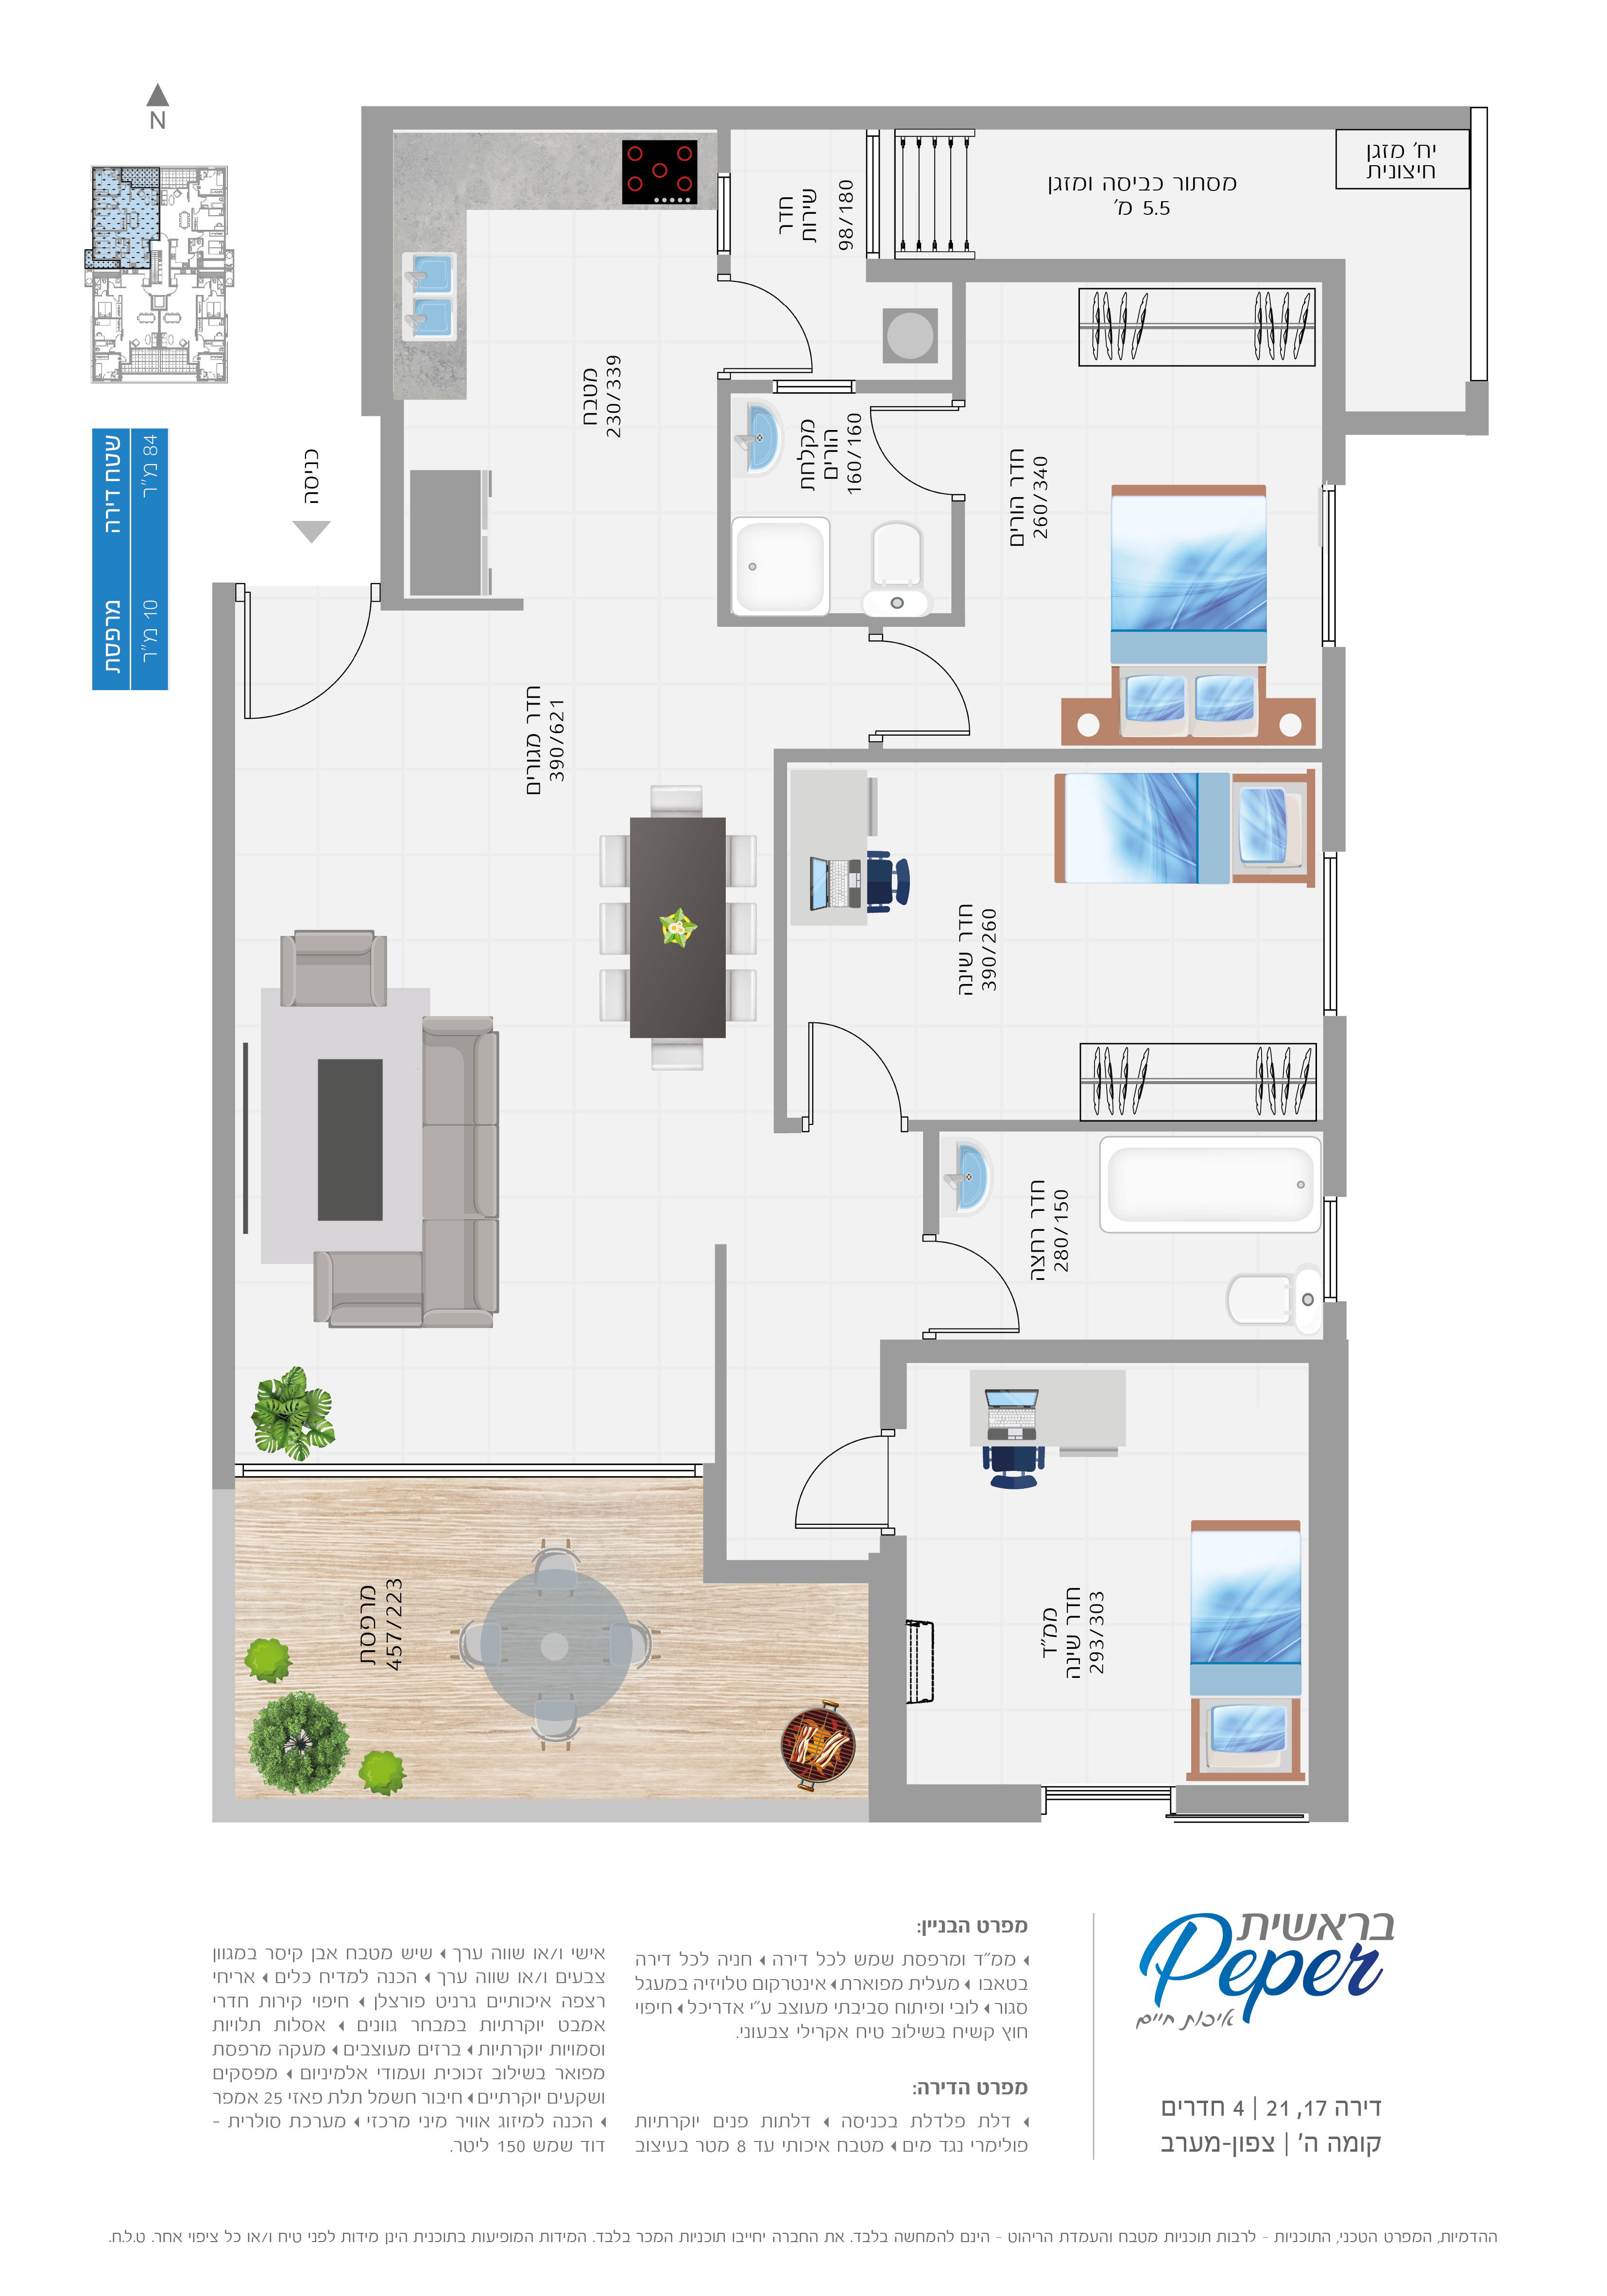 תוכנית הדירה לנכס מספר 21